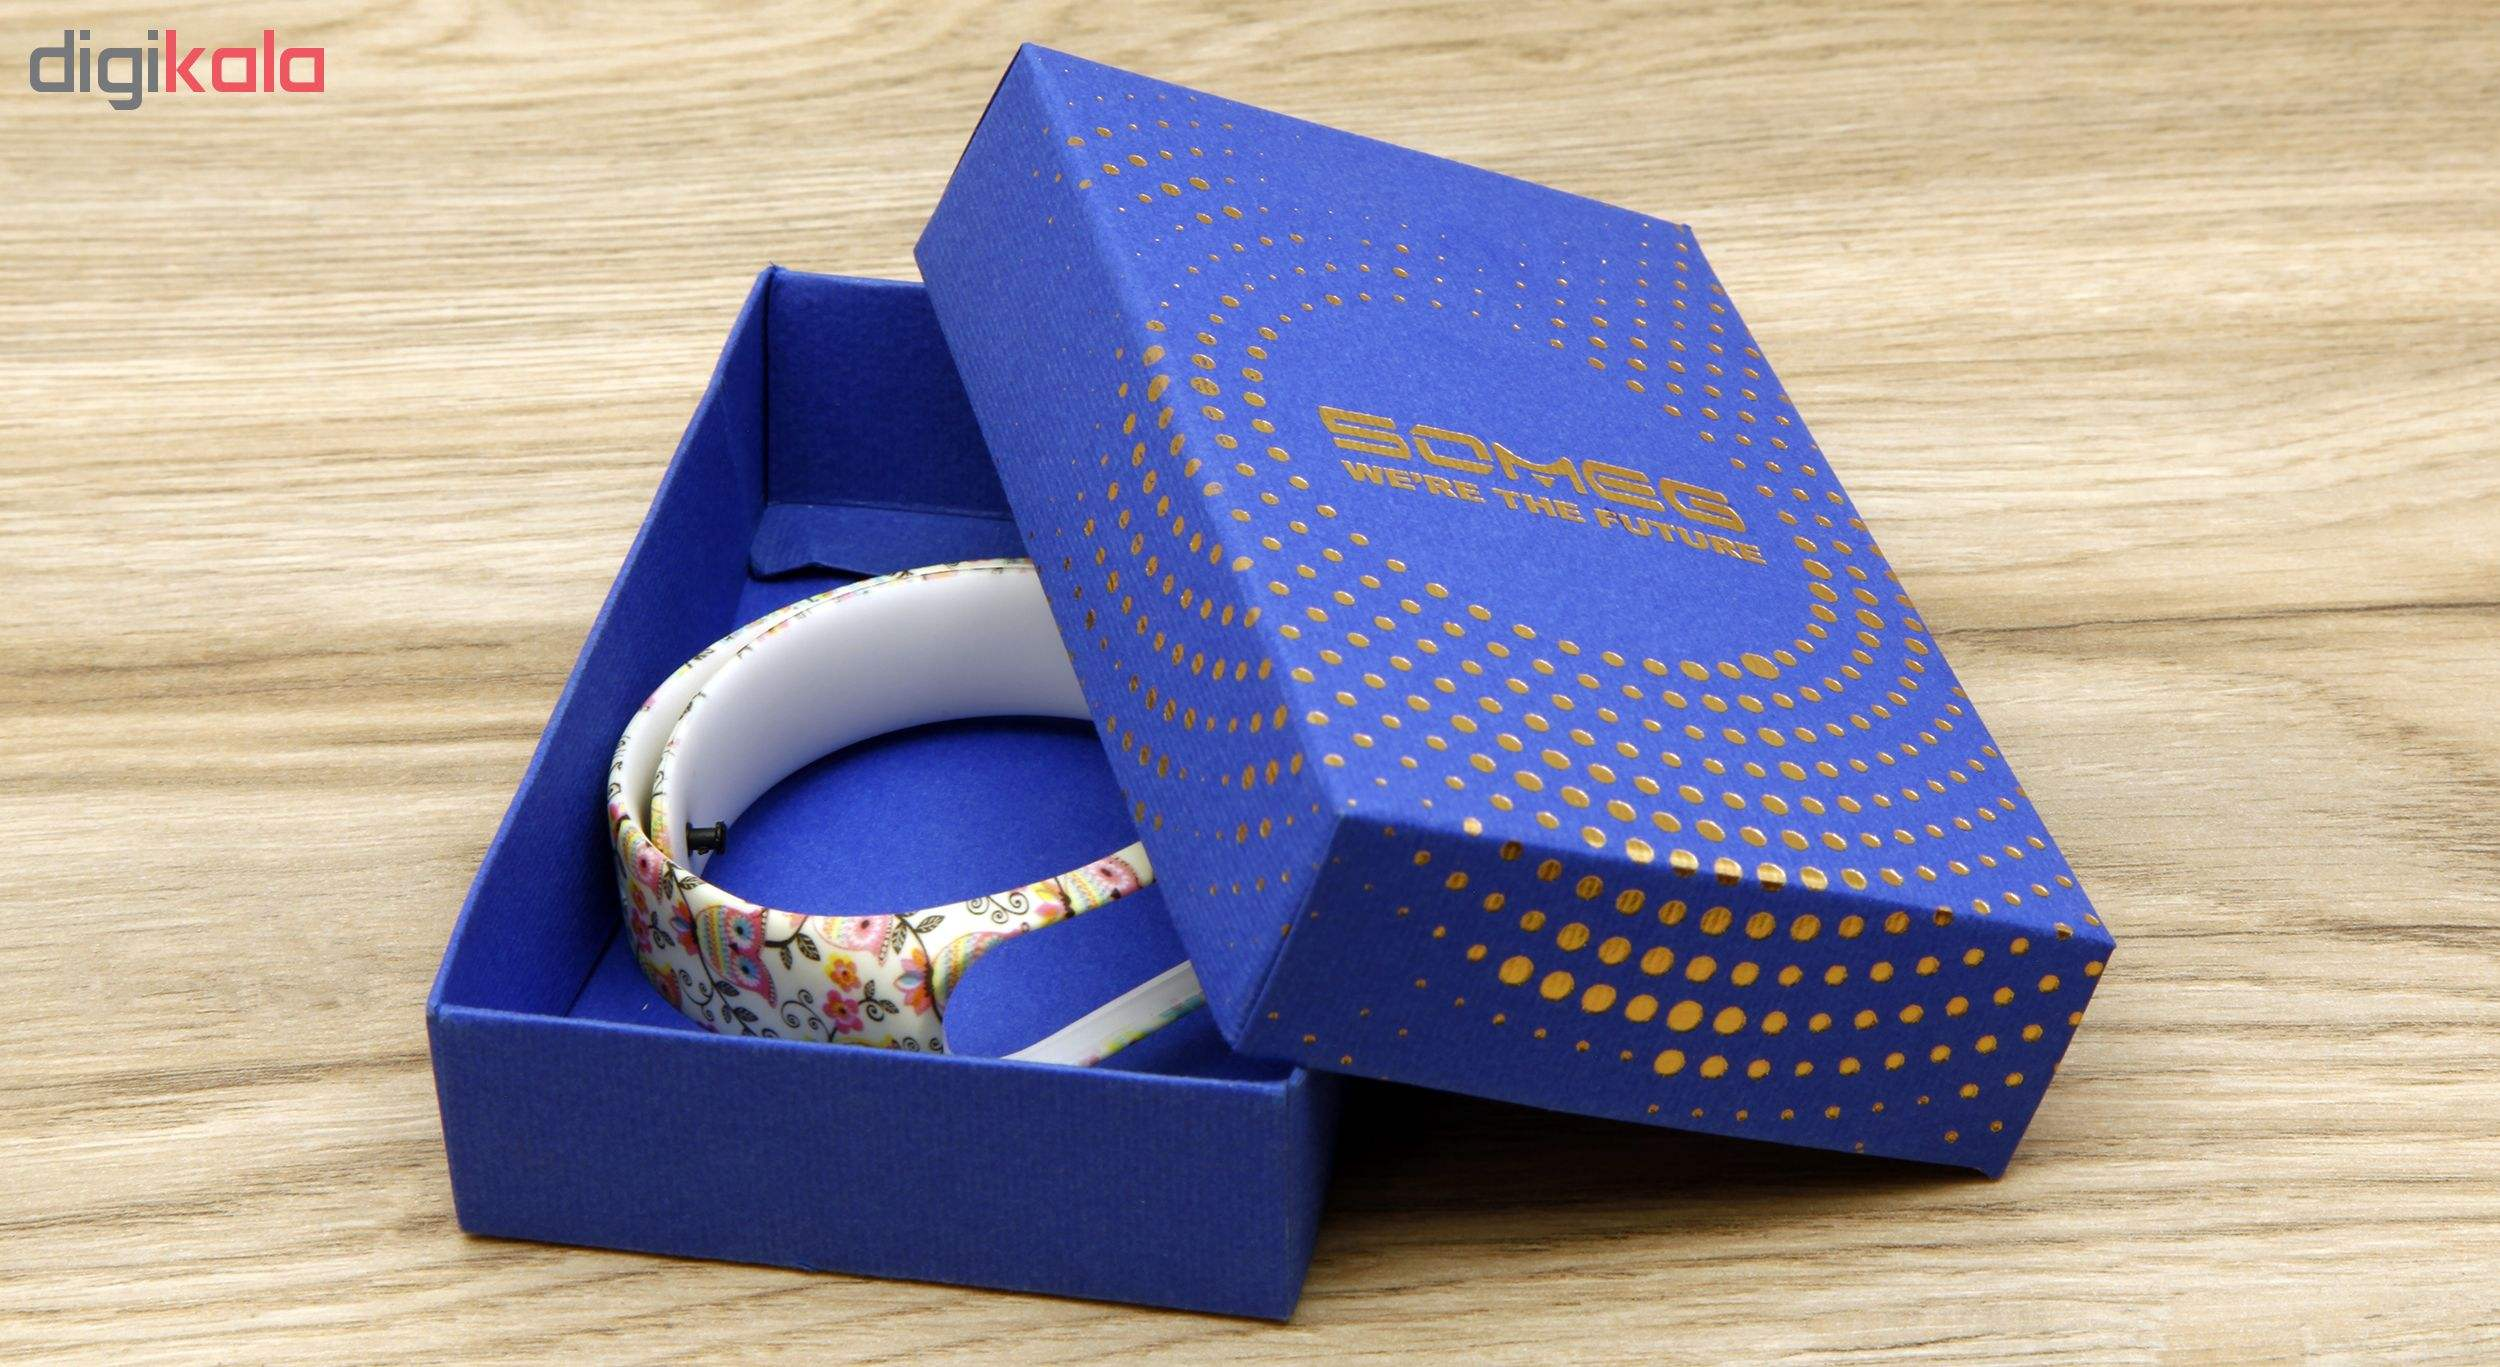 بند مچ بند هوشمند سومگ مدل  SMG-14 مناسب برای مچ بند هوشمند شیائومی Mi Band 3 و M3 main 1 6